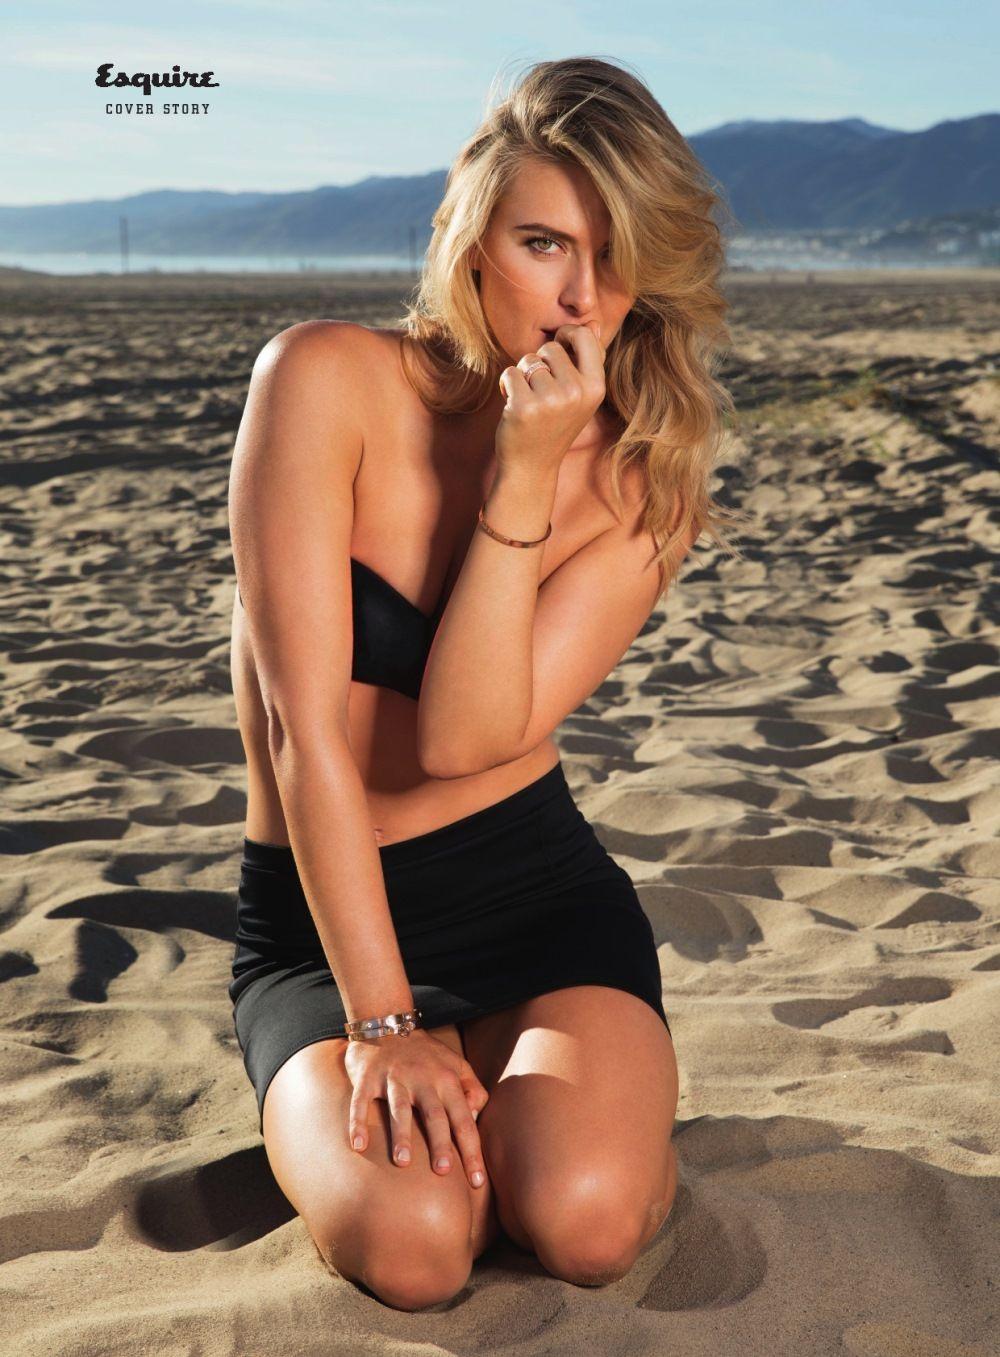 Michelle Trachtenberg : Esquire photoshoot   Celebrity ...